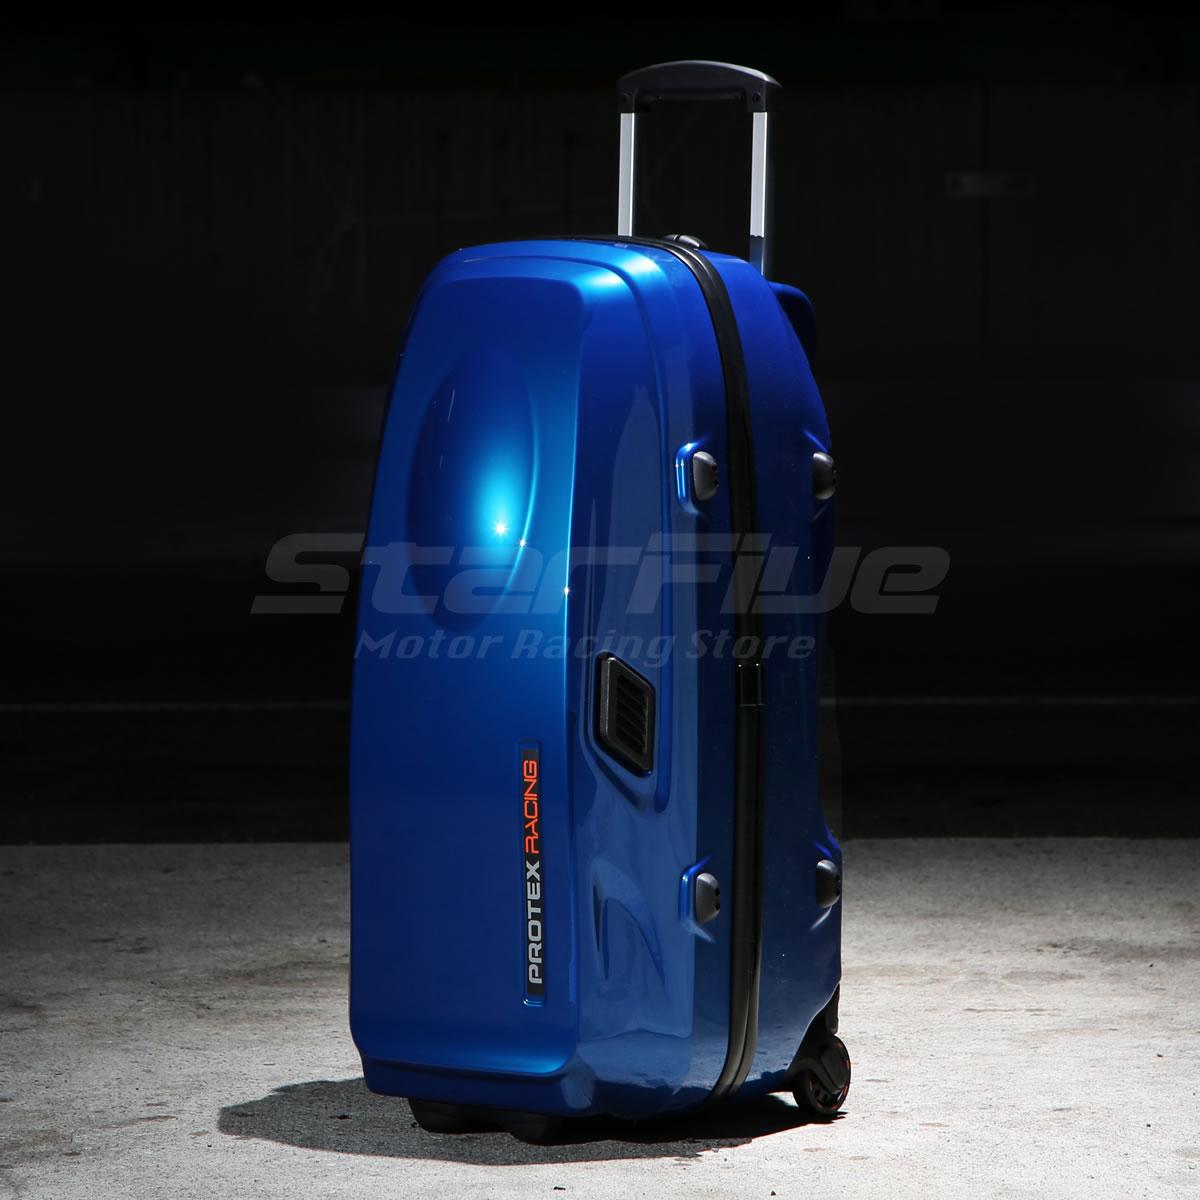 PROTEX RACING R2(プロテックスレーシング)キャリーケース マジェスティックブルー(限定カラー)